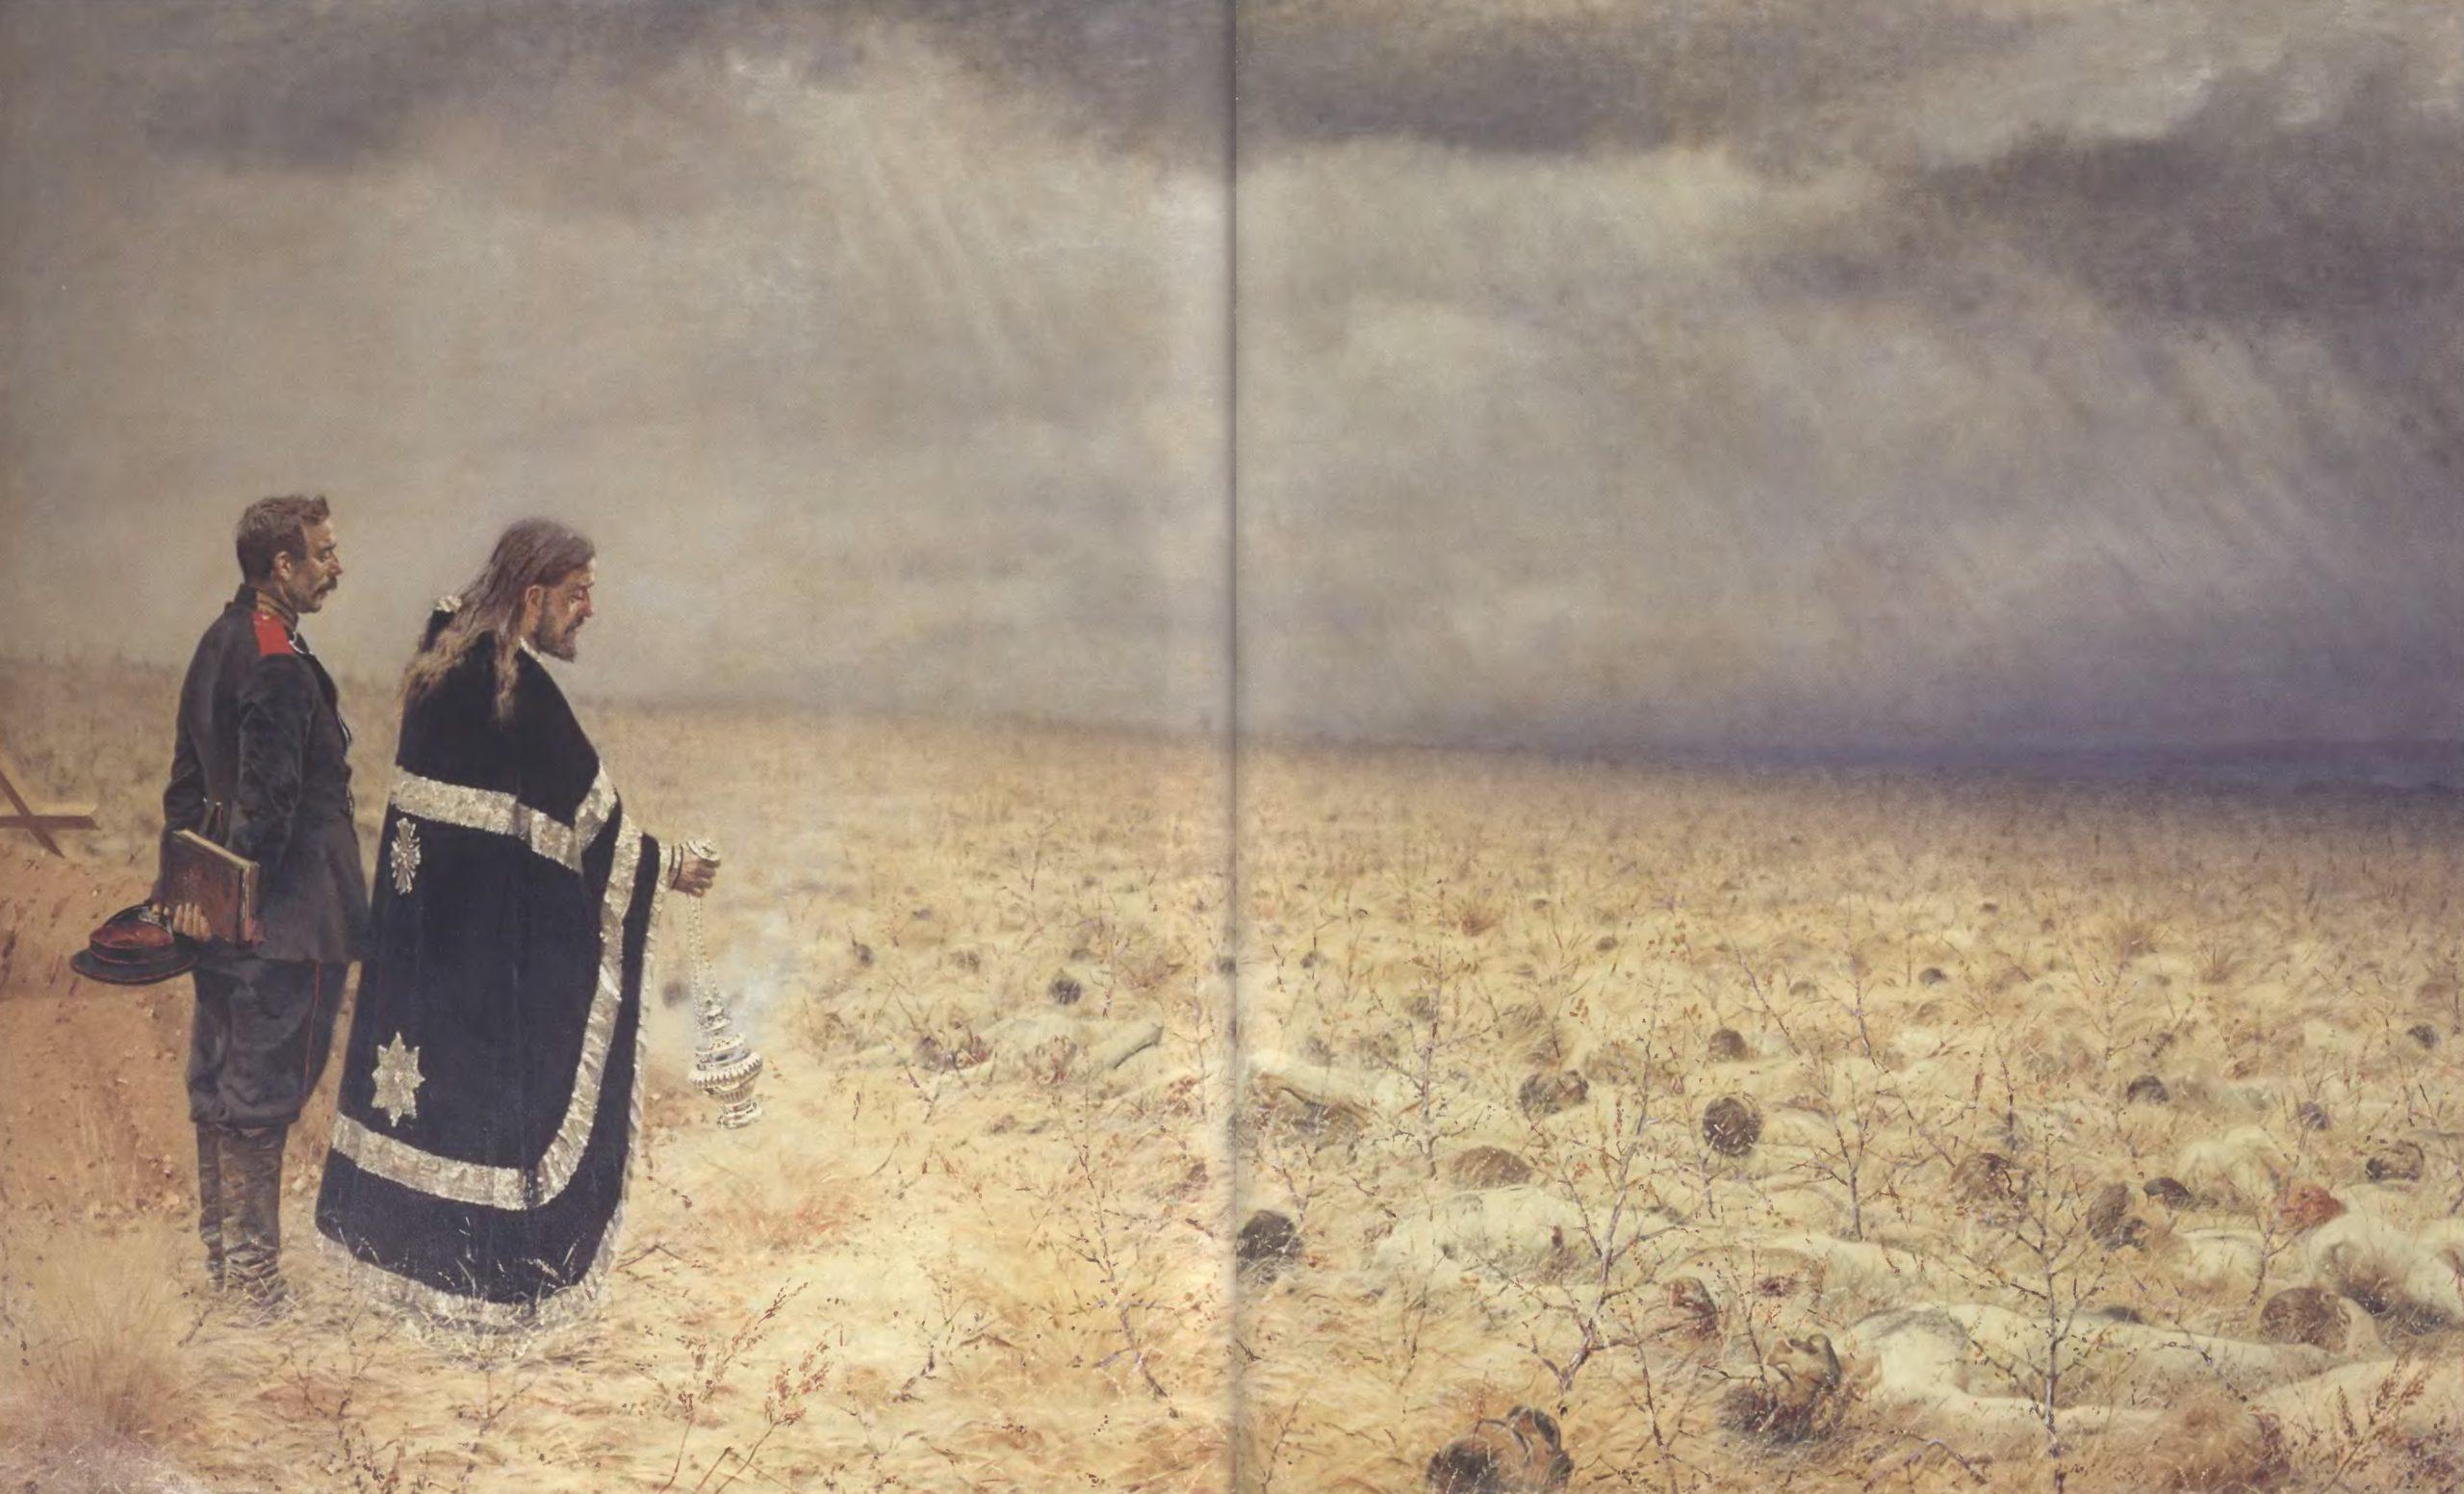 ВАСИЛИЙ ВЕРЕЩАГИН. Побежденные. Панихида. 1877—1878. Холст, масло. 179,7 х 300,4 см. Государственная Третьяковская галерея